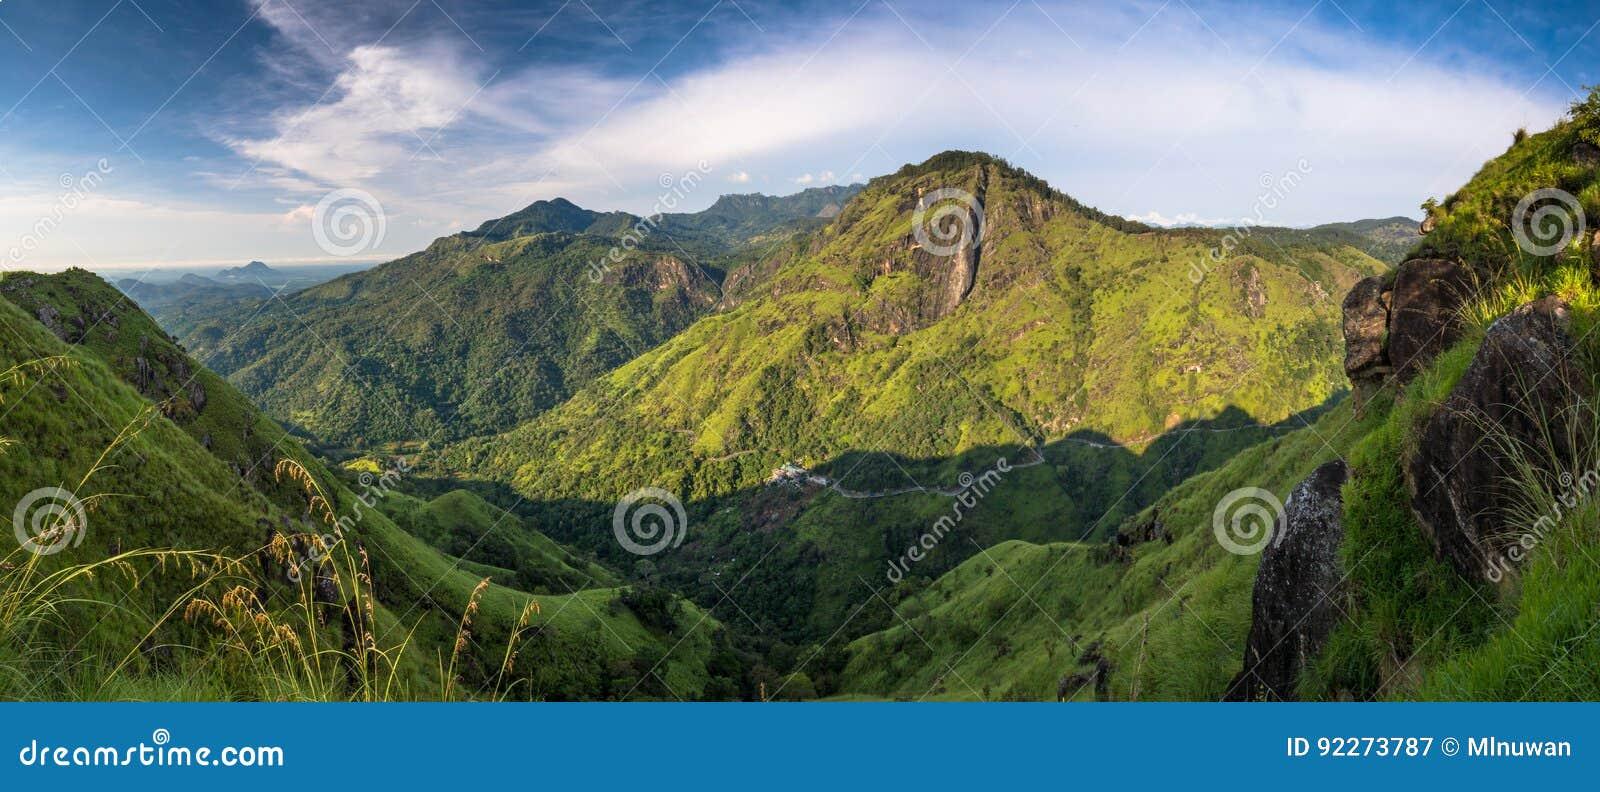 Kleine Adams-Spitze in Ella, Sri Lanka